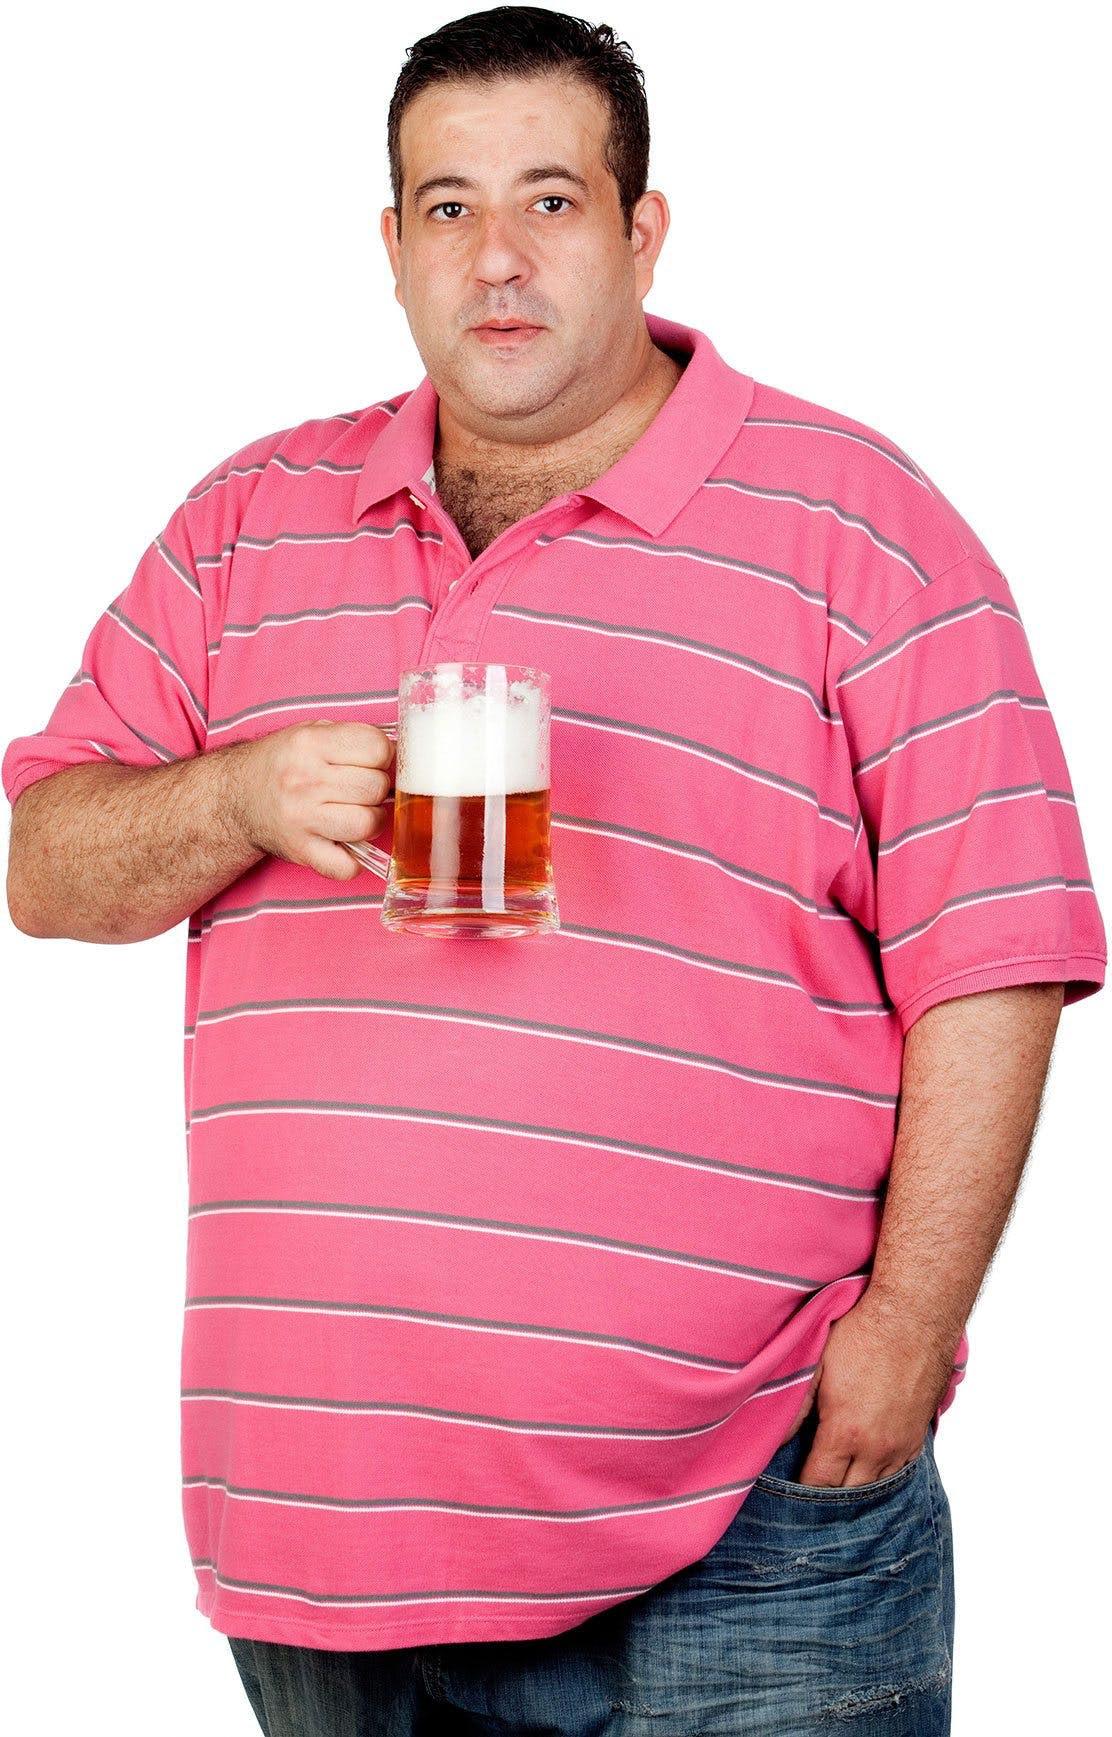 секс также толстые мужчины фото важно сколько девчонок